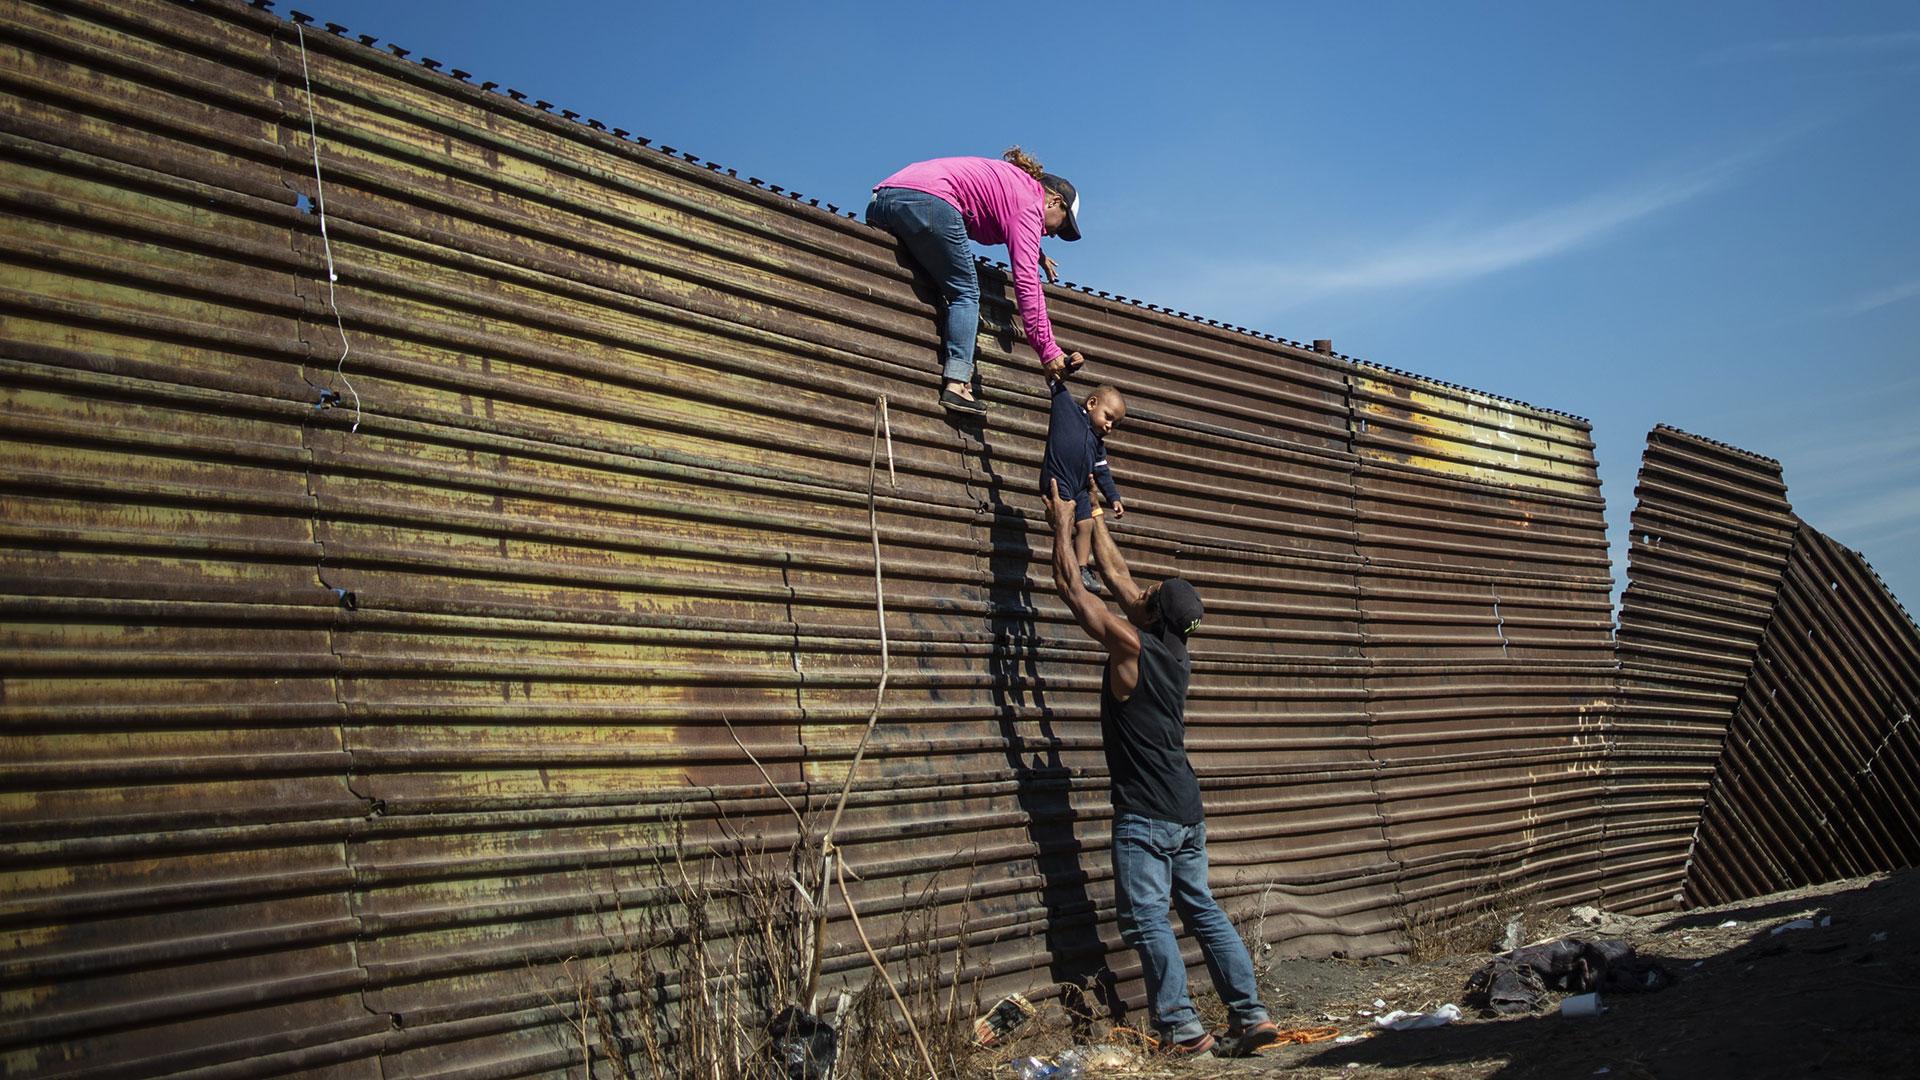 Al otro lado de la valla que intentaron saltar los esperaba la Patrulla Fronteriza. (Foto: AFP)